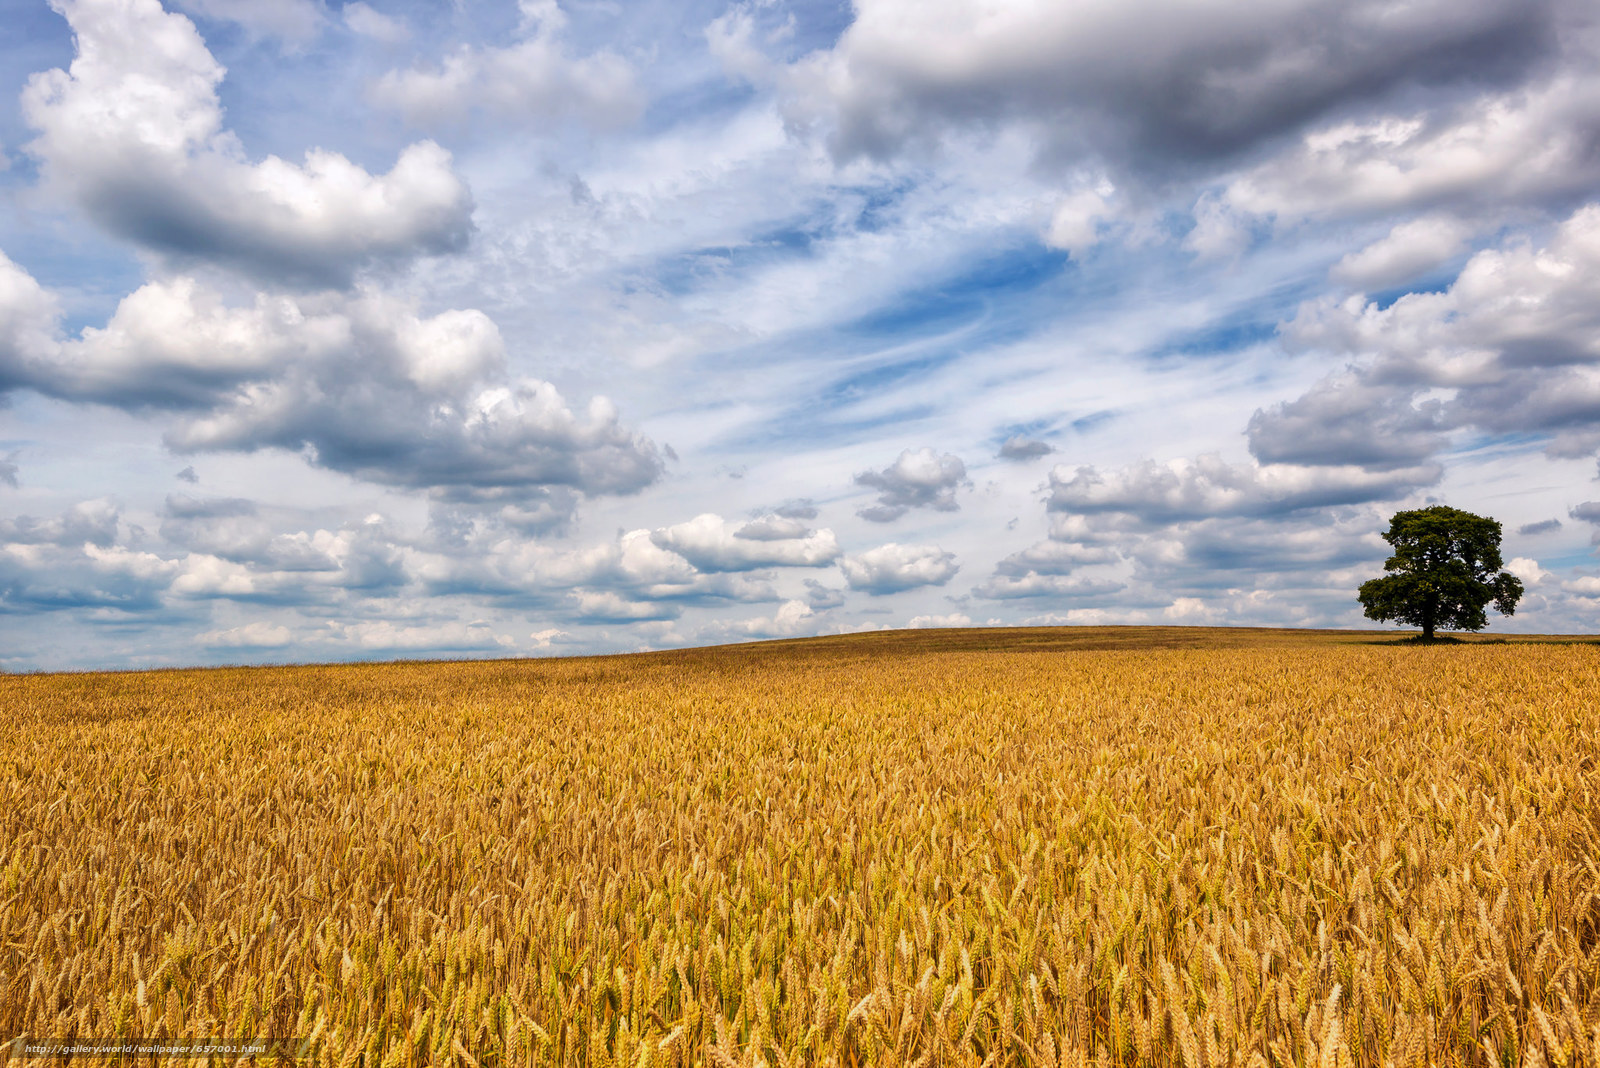 壁紙をダウンロード フィールド,  トウモロコシの穂,  空,  雲 デスクトップの解像度のための無料壁紙 2048x1367 — 絵 №657001